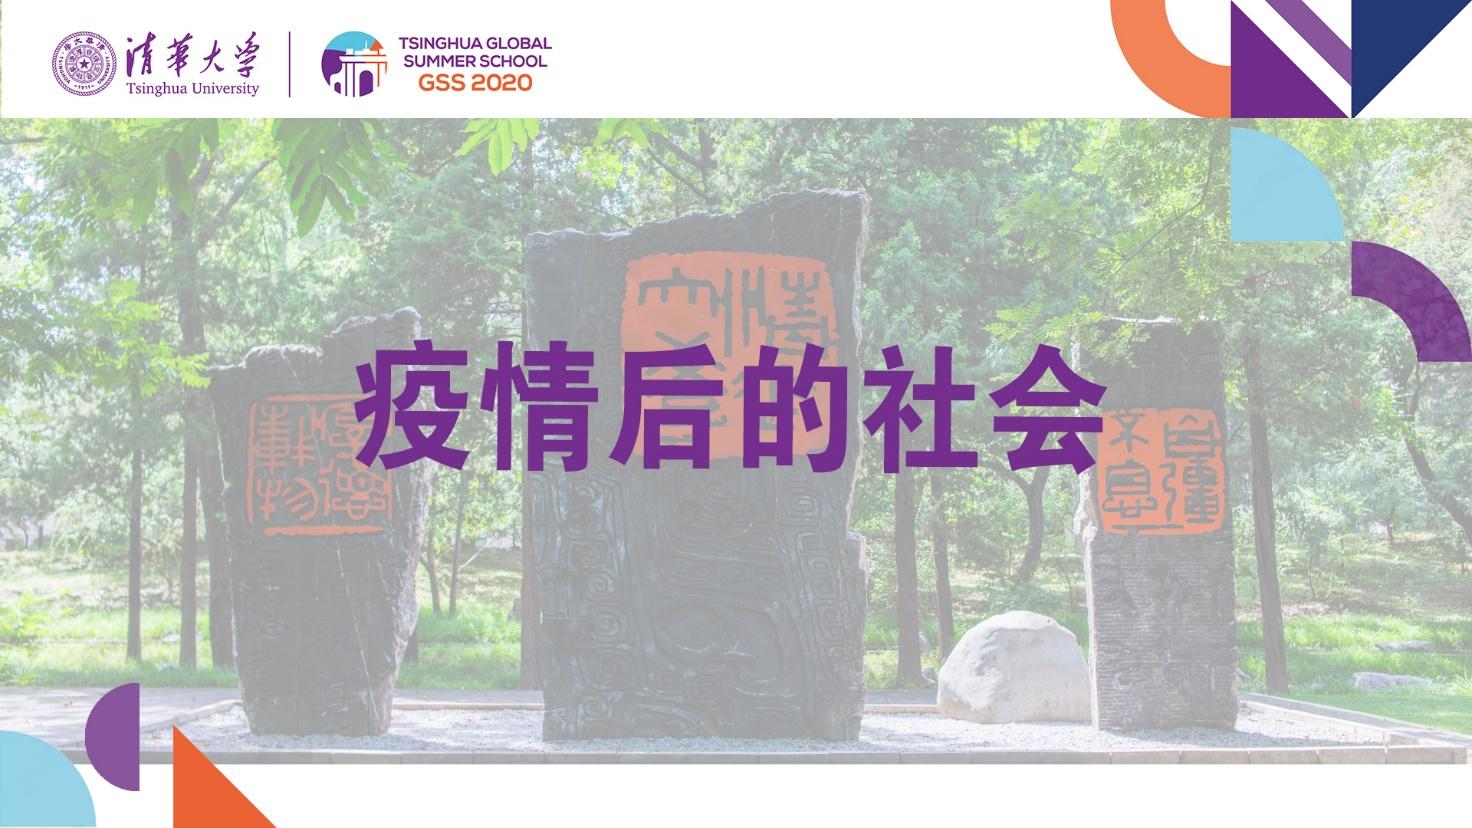 清华大学2020年全球暑期学校课程第六天:疫情后的社会-清华大学新闻网